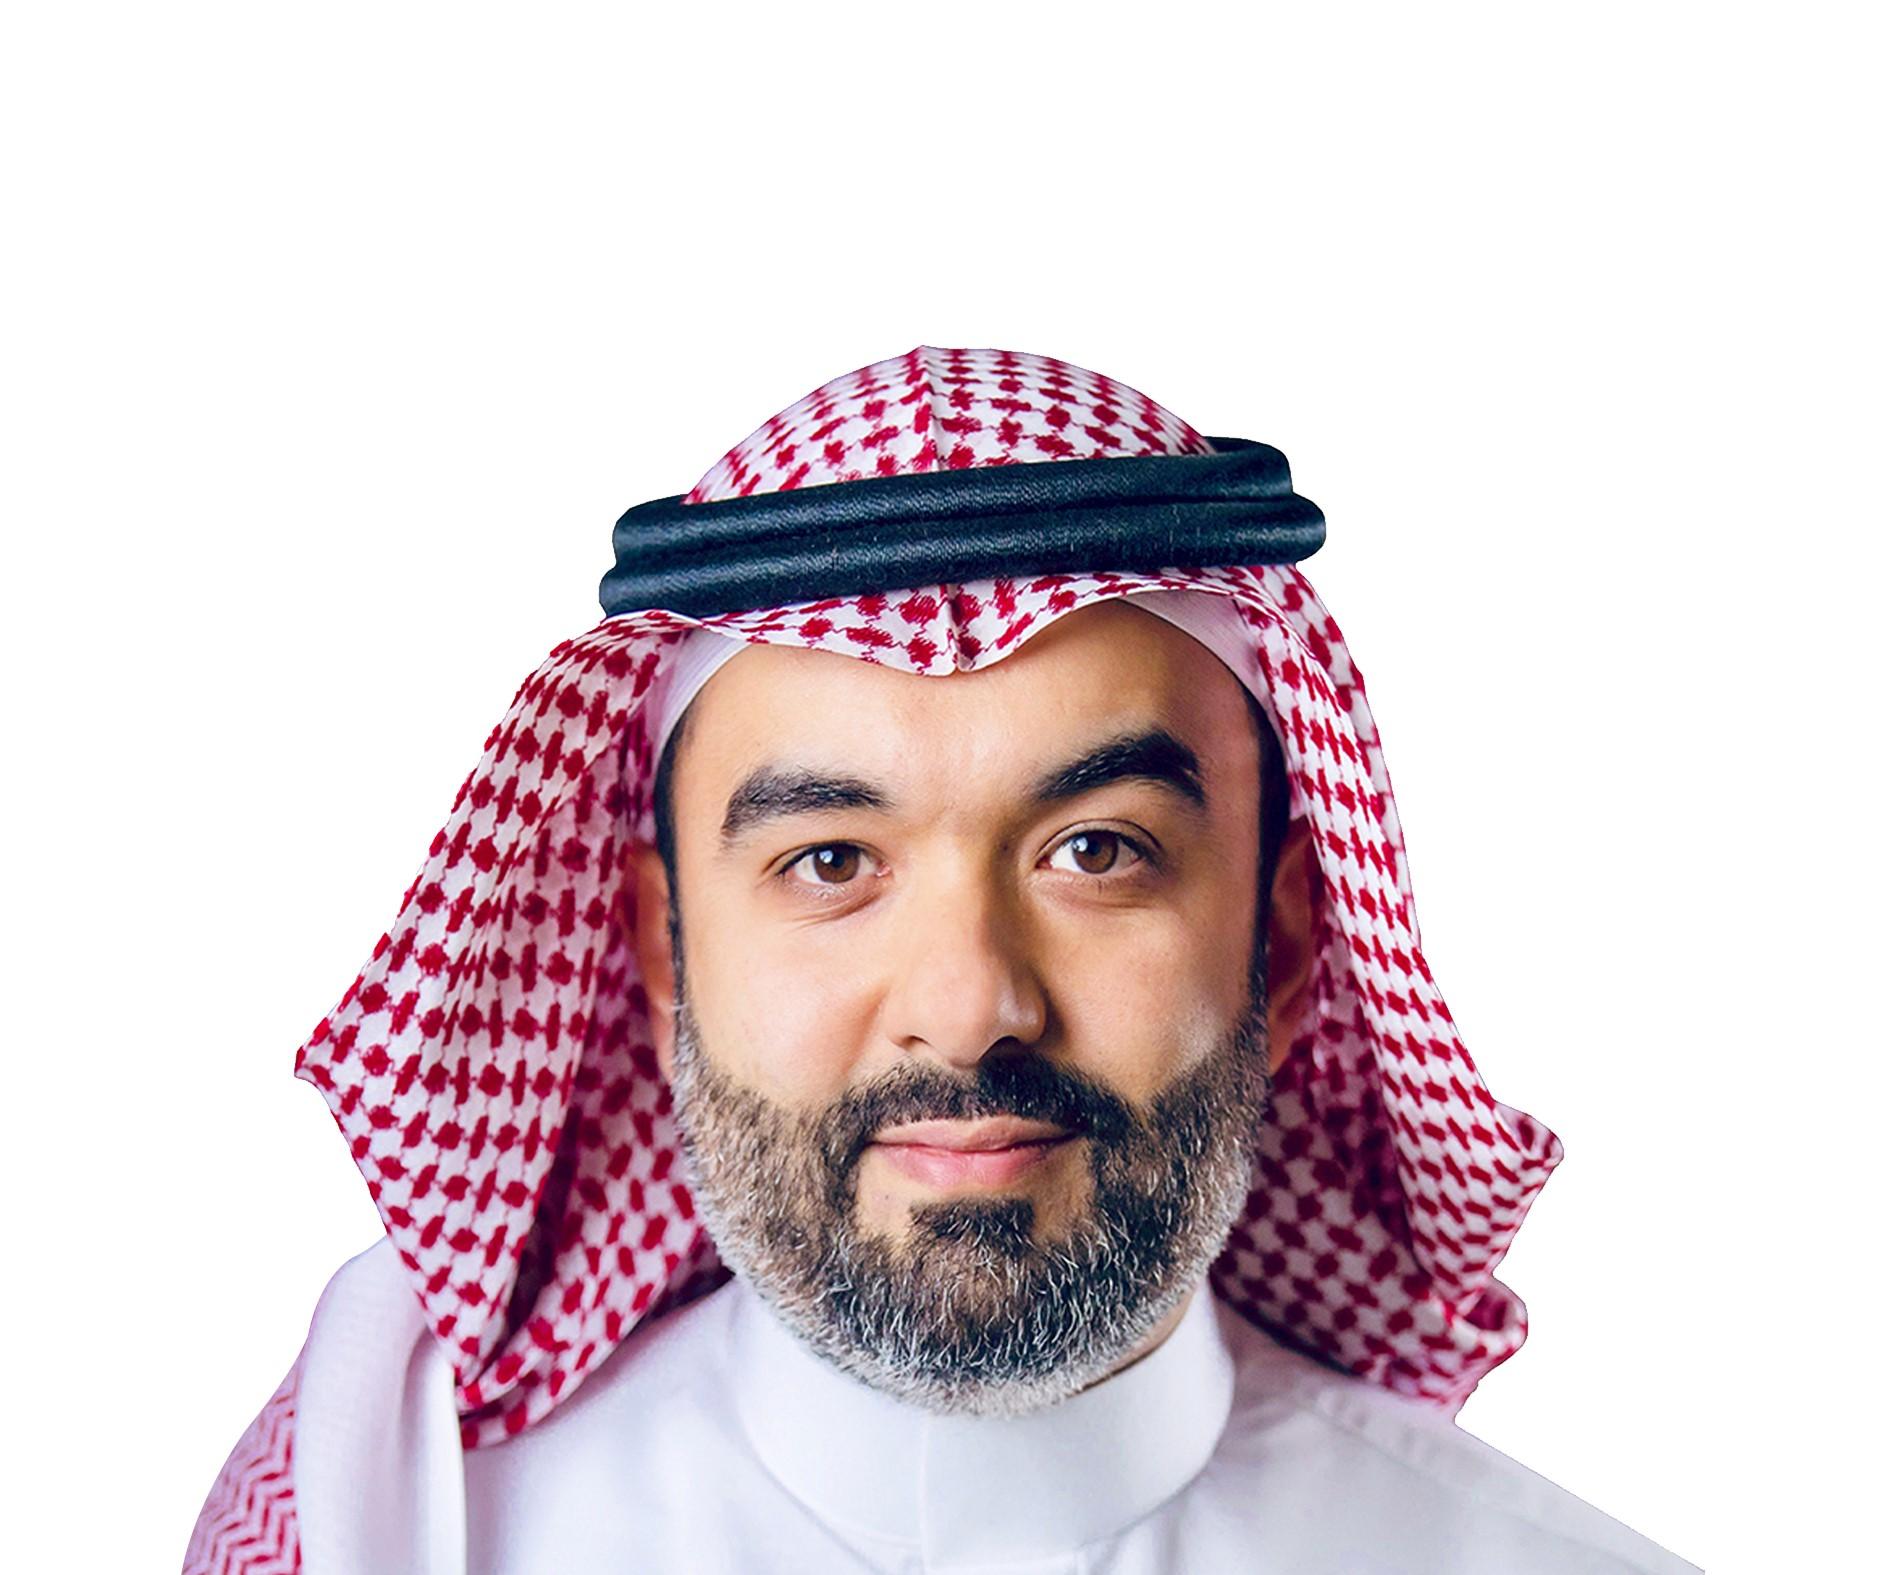 وزير الاتصالات: نظام البريد يواكب التطورات المتسارعة في المملكة ويحسّن تجربة العملاء مع قطاع الخدمات البريدية اللوجستية